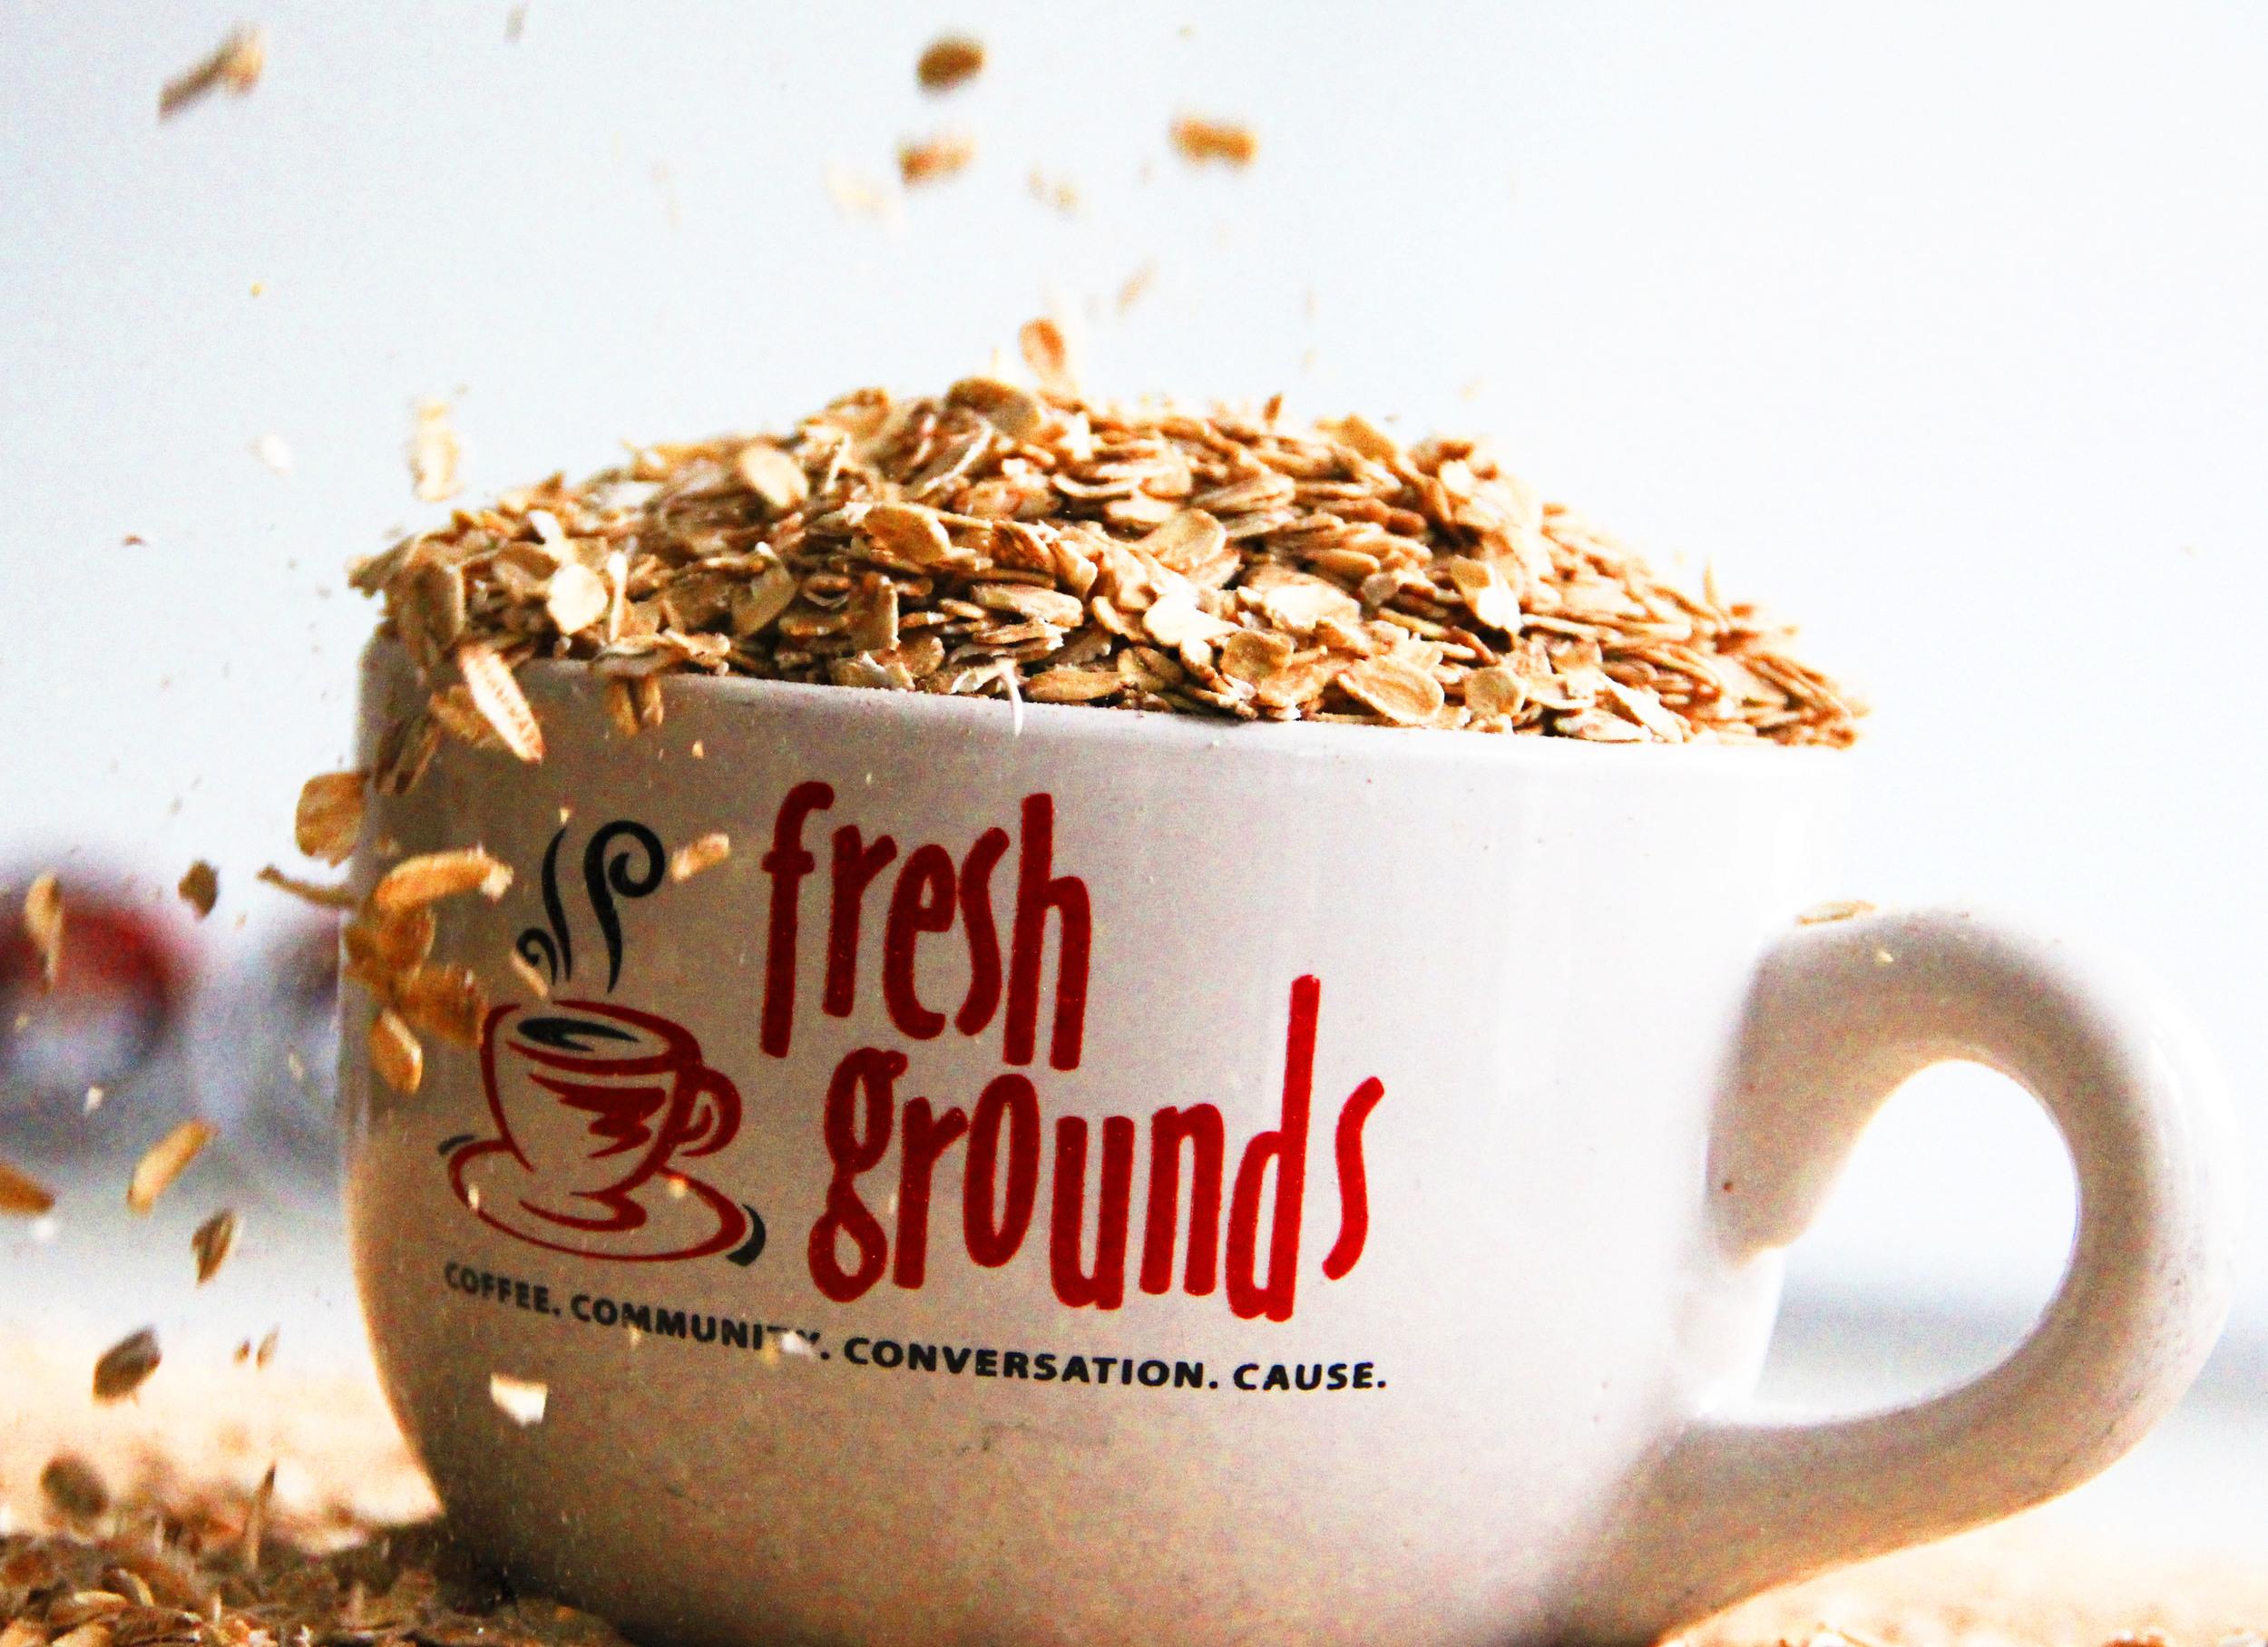 oatmeal & cup2.jpg